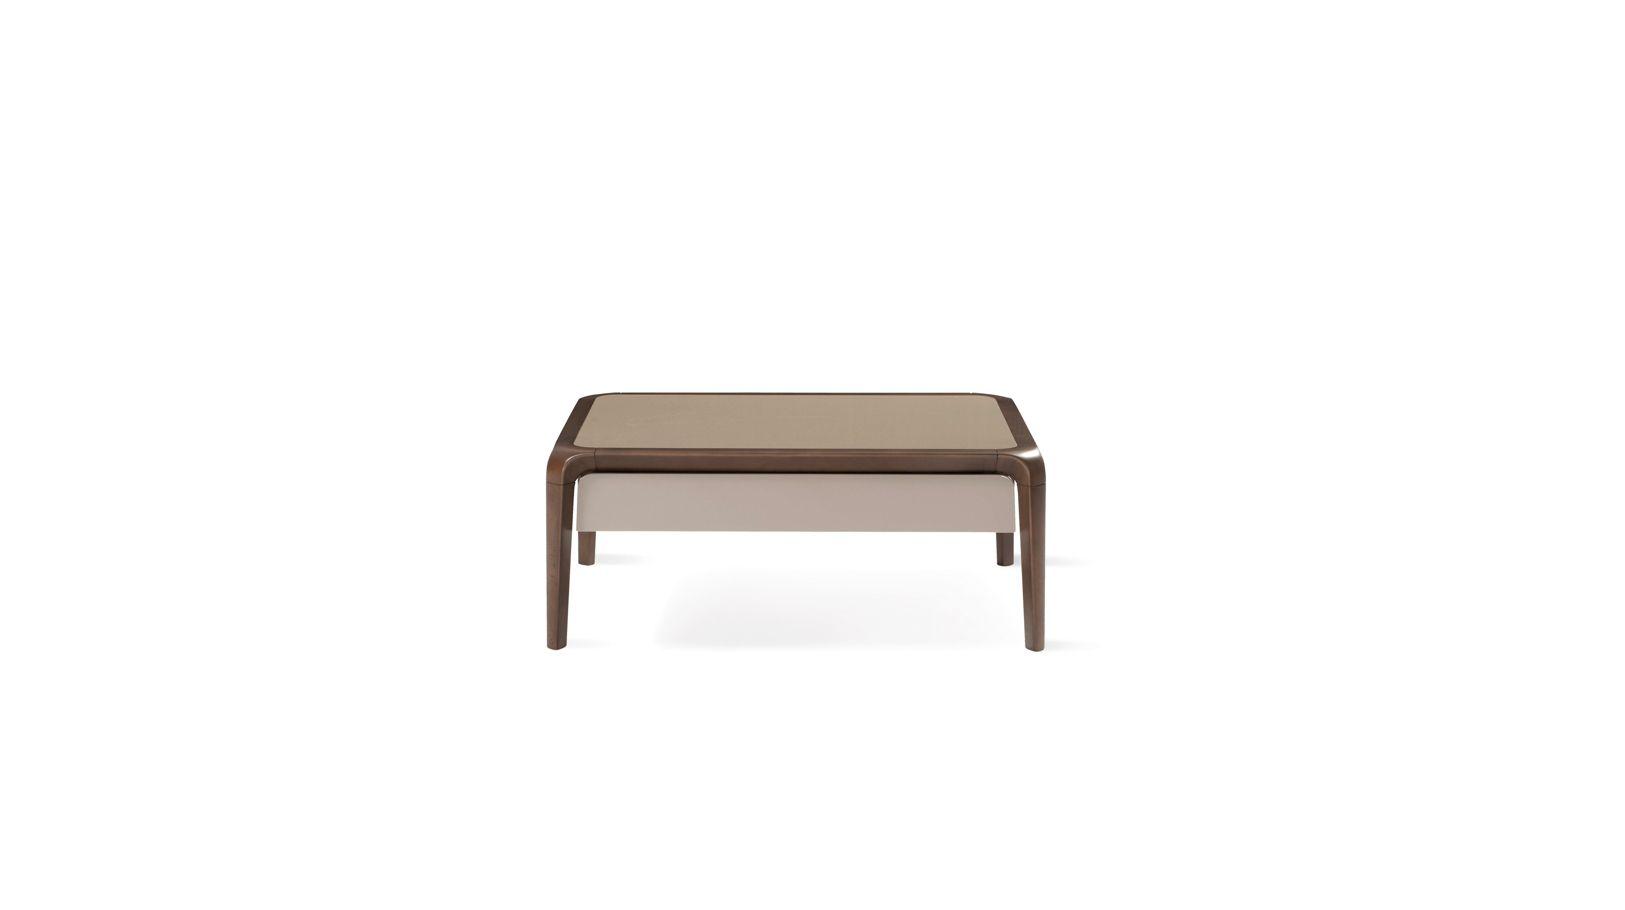 brio chevet roche bobois. Black Bedroom Furniture Sets. Home Design Ideas